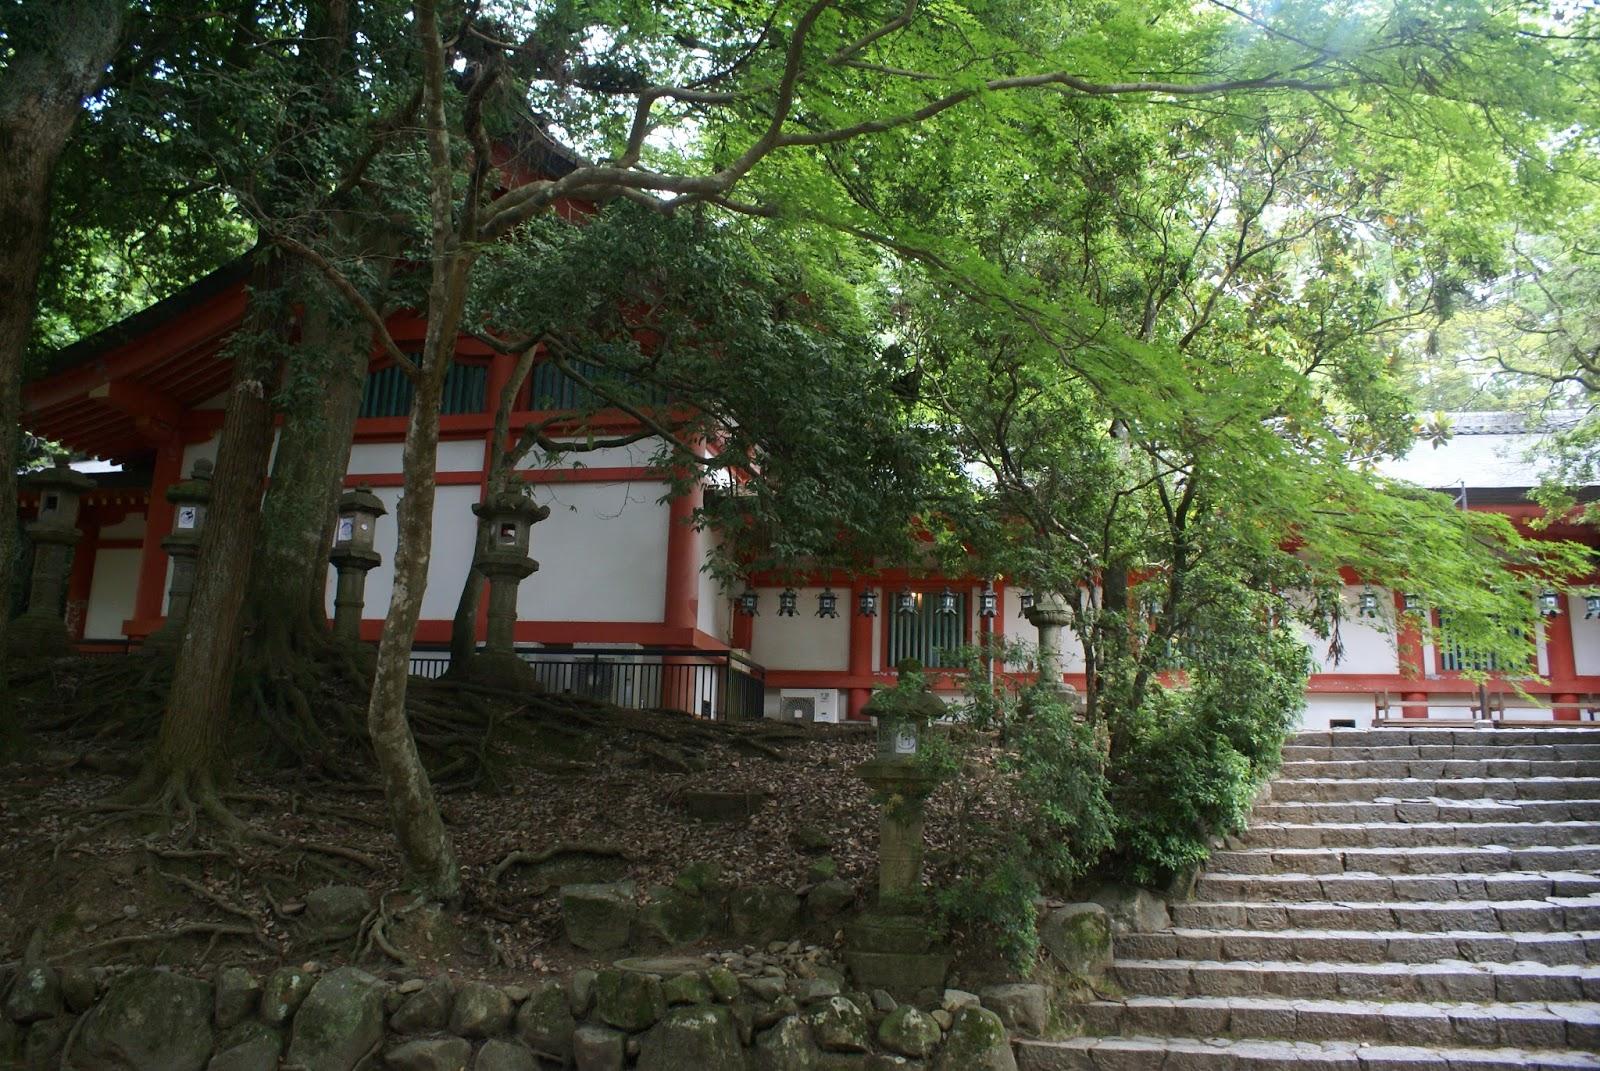 tamukeyama hachiman-gu nara koen japan kansai